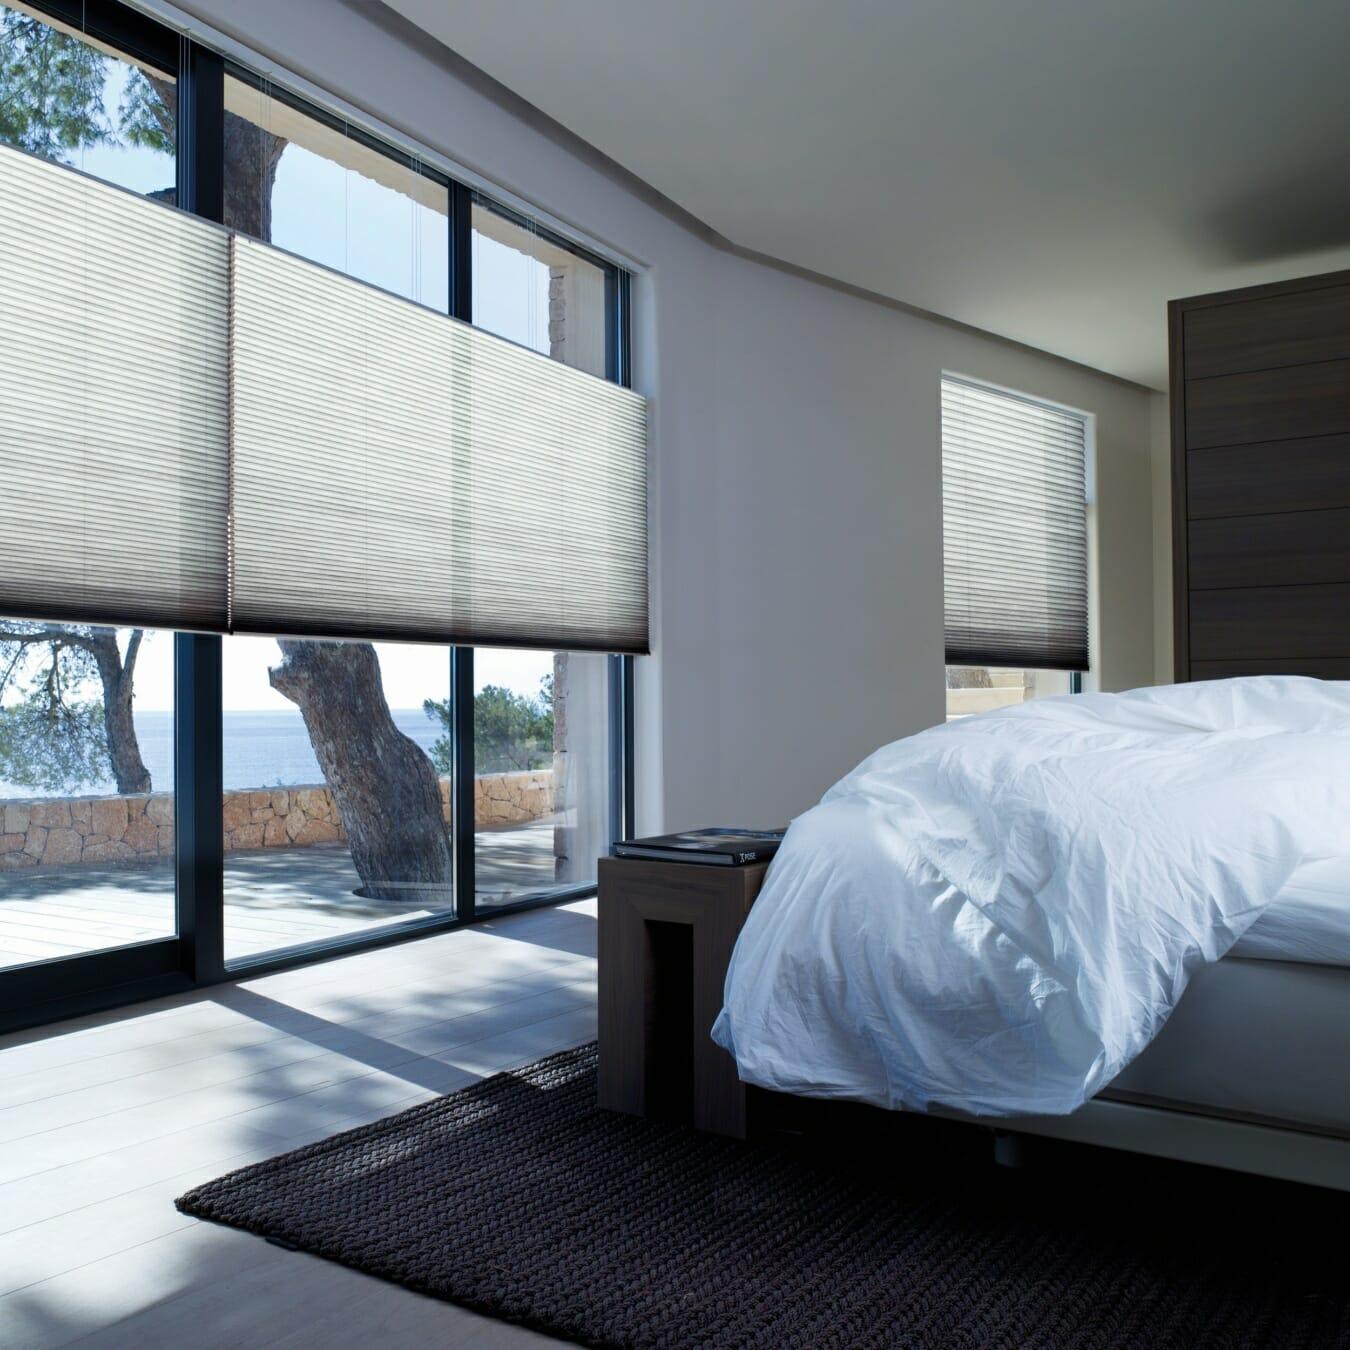 Duette® gordijnen in de slaapkamer